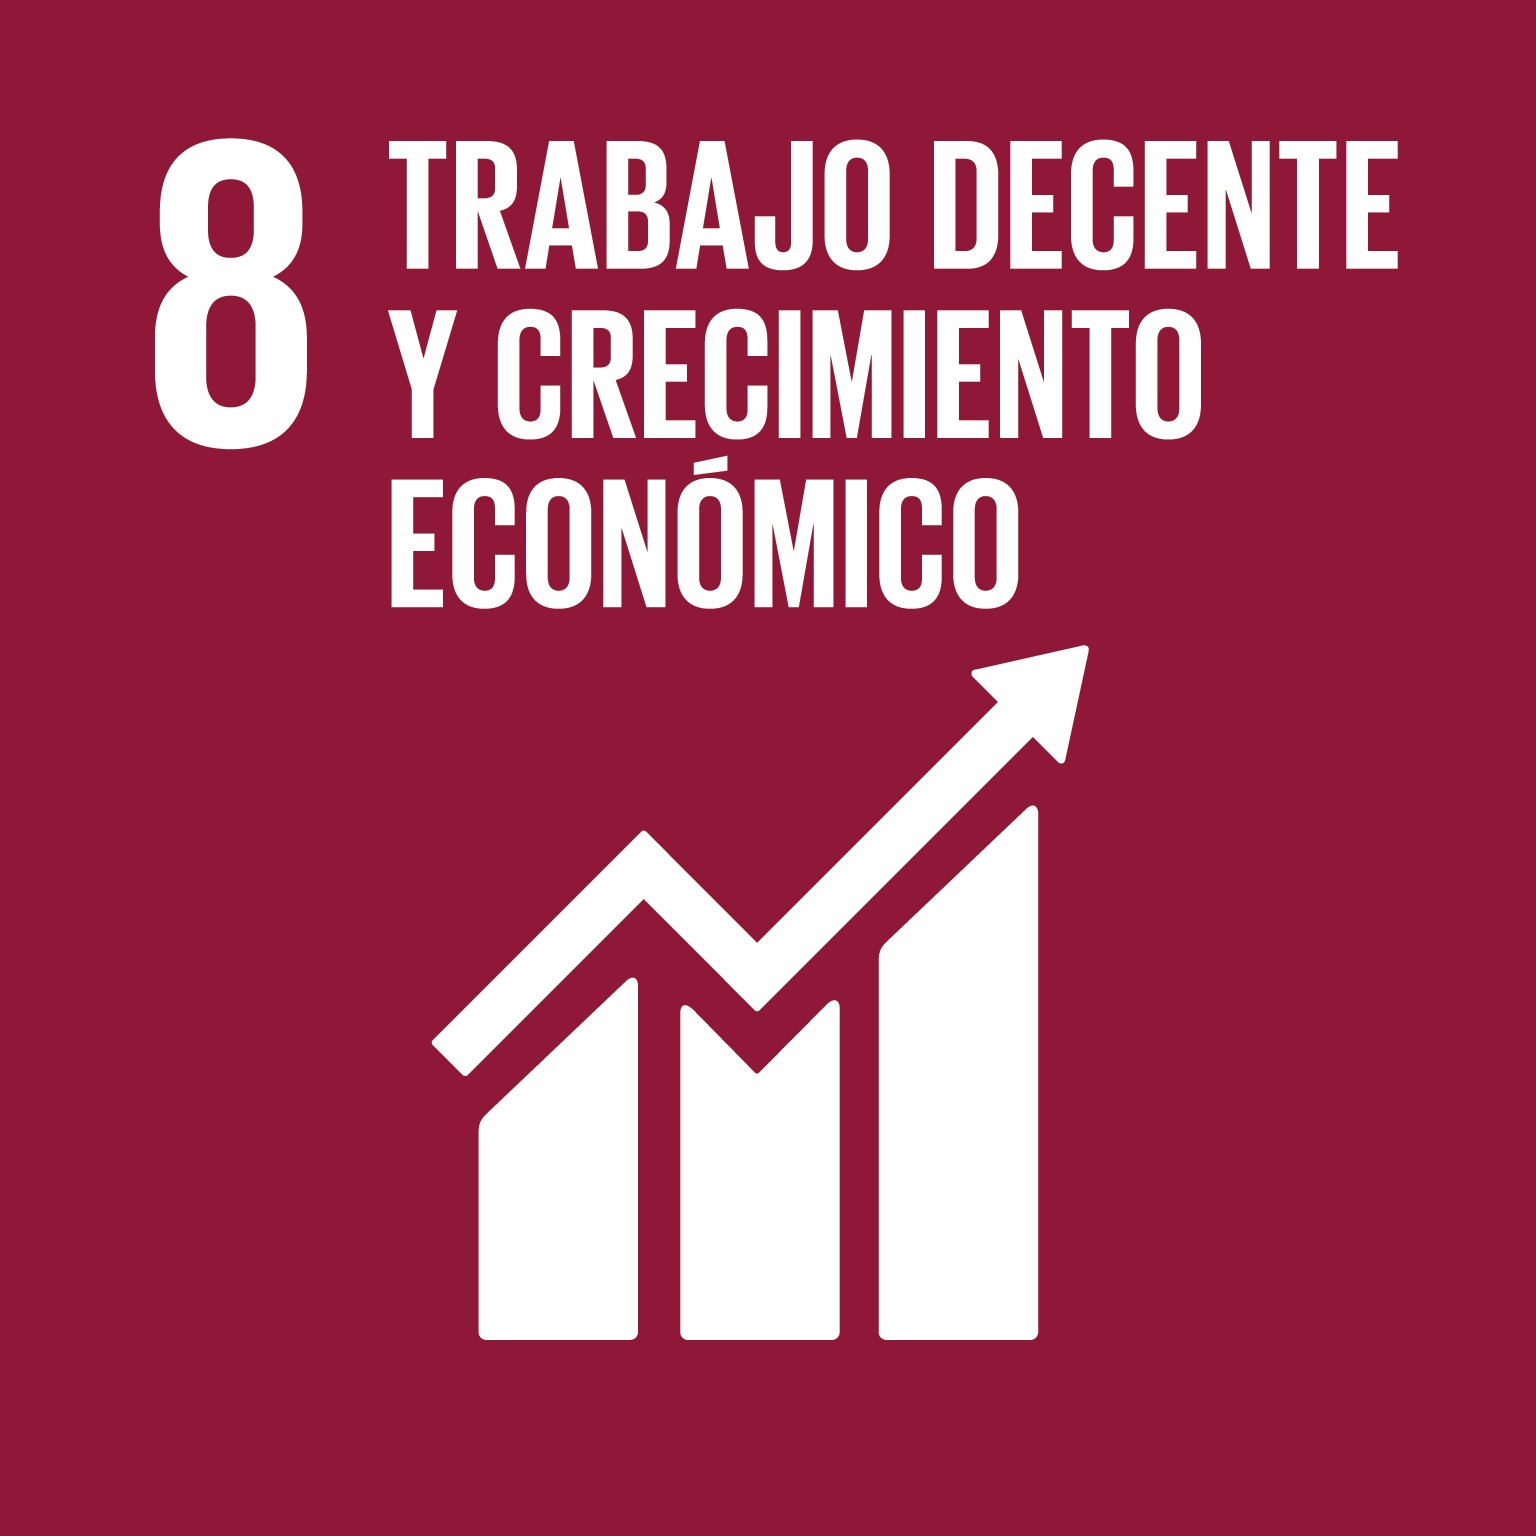 ODS - Objetivos de Desarrollo Sostenible - 8: Trabajo decente y crecimiento económico.